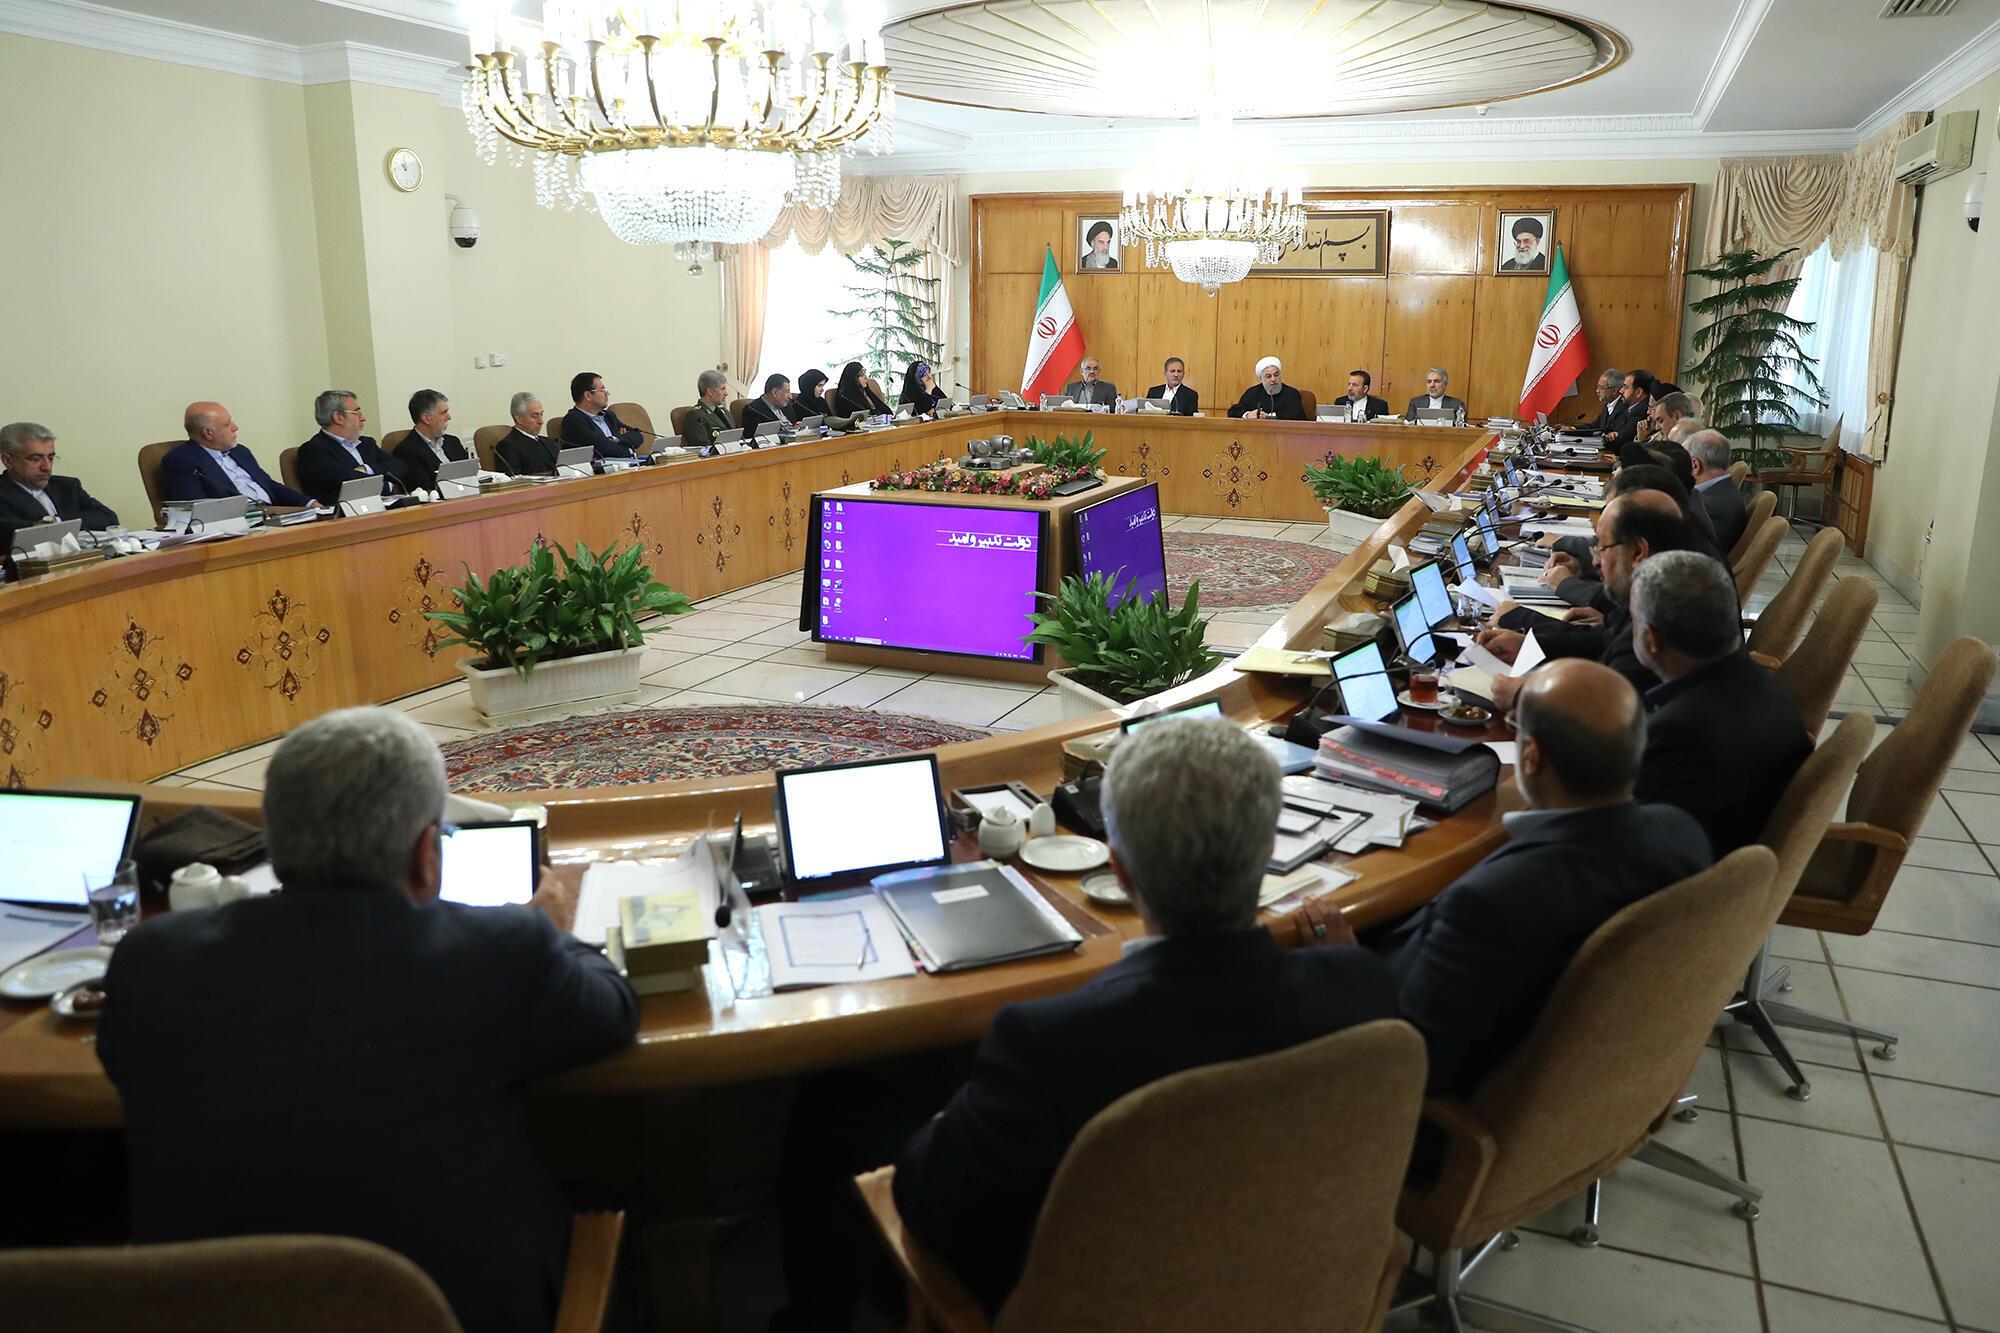 جسن روحانی، رئیس جمهوزی اسلامی ایران در جلسه هیأت دولت. چهارشنبه ٣٠ آبان/ ٢١ نوامبر ٢٠۱٨